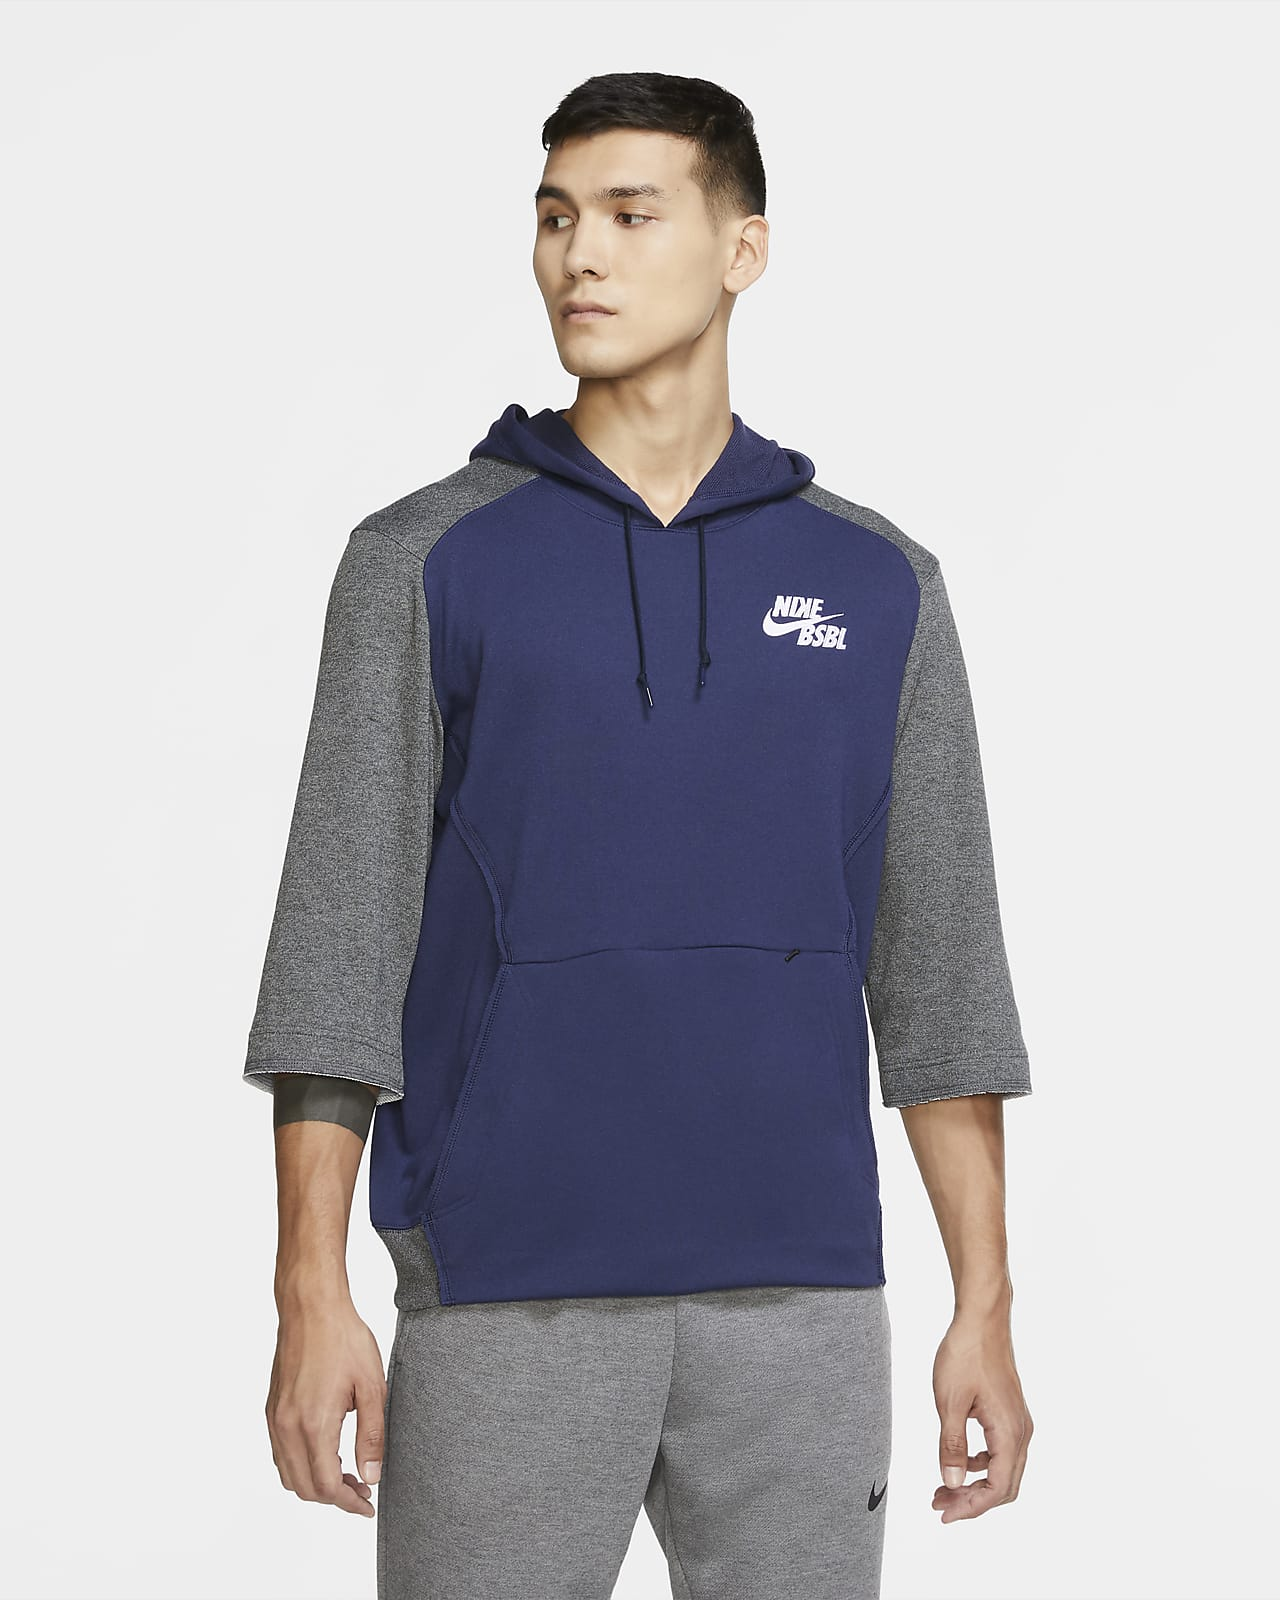 Nike Dri-FIT Flux Men's 3/4-Sleeve Baseball Hoodie